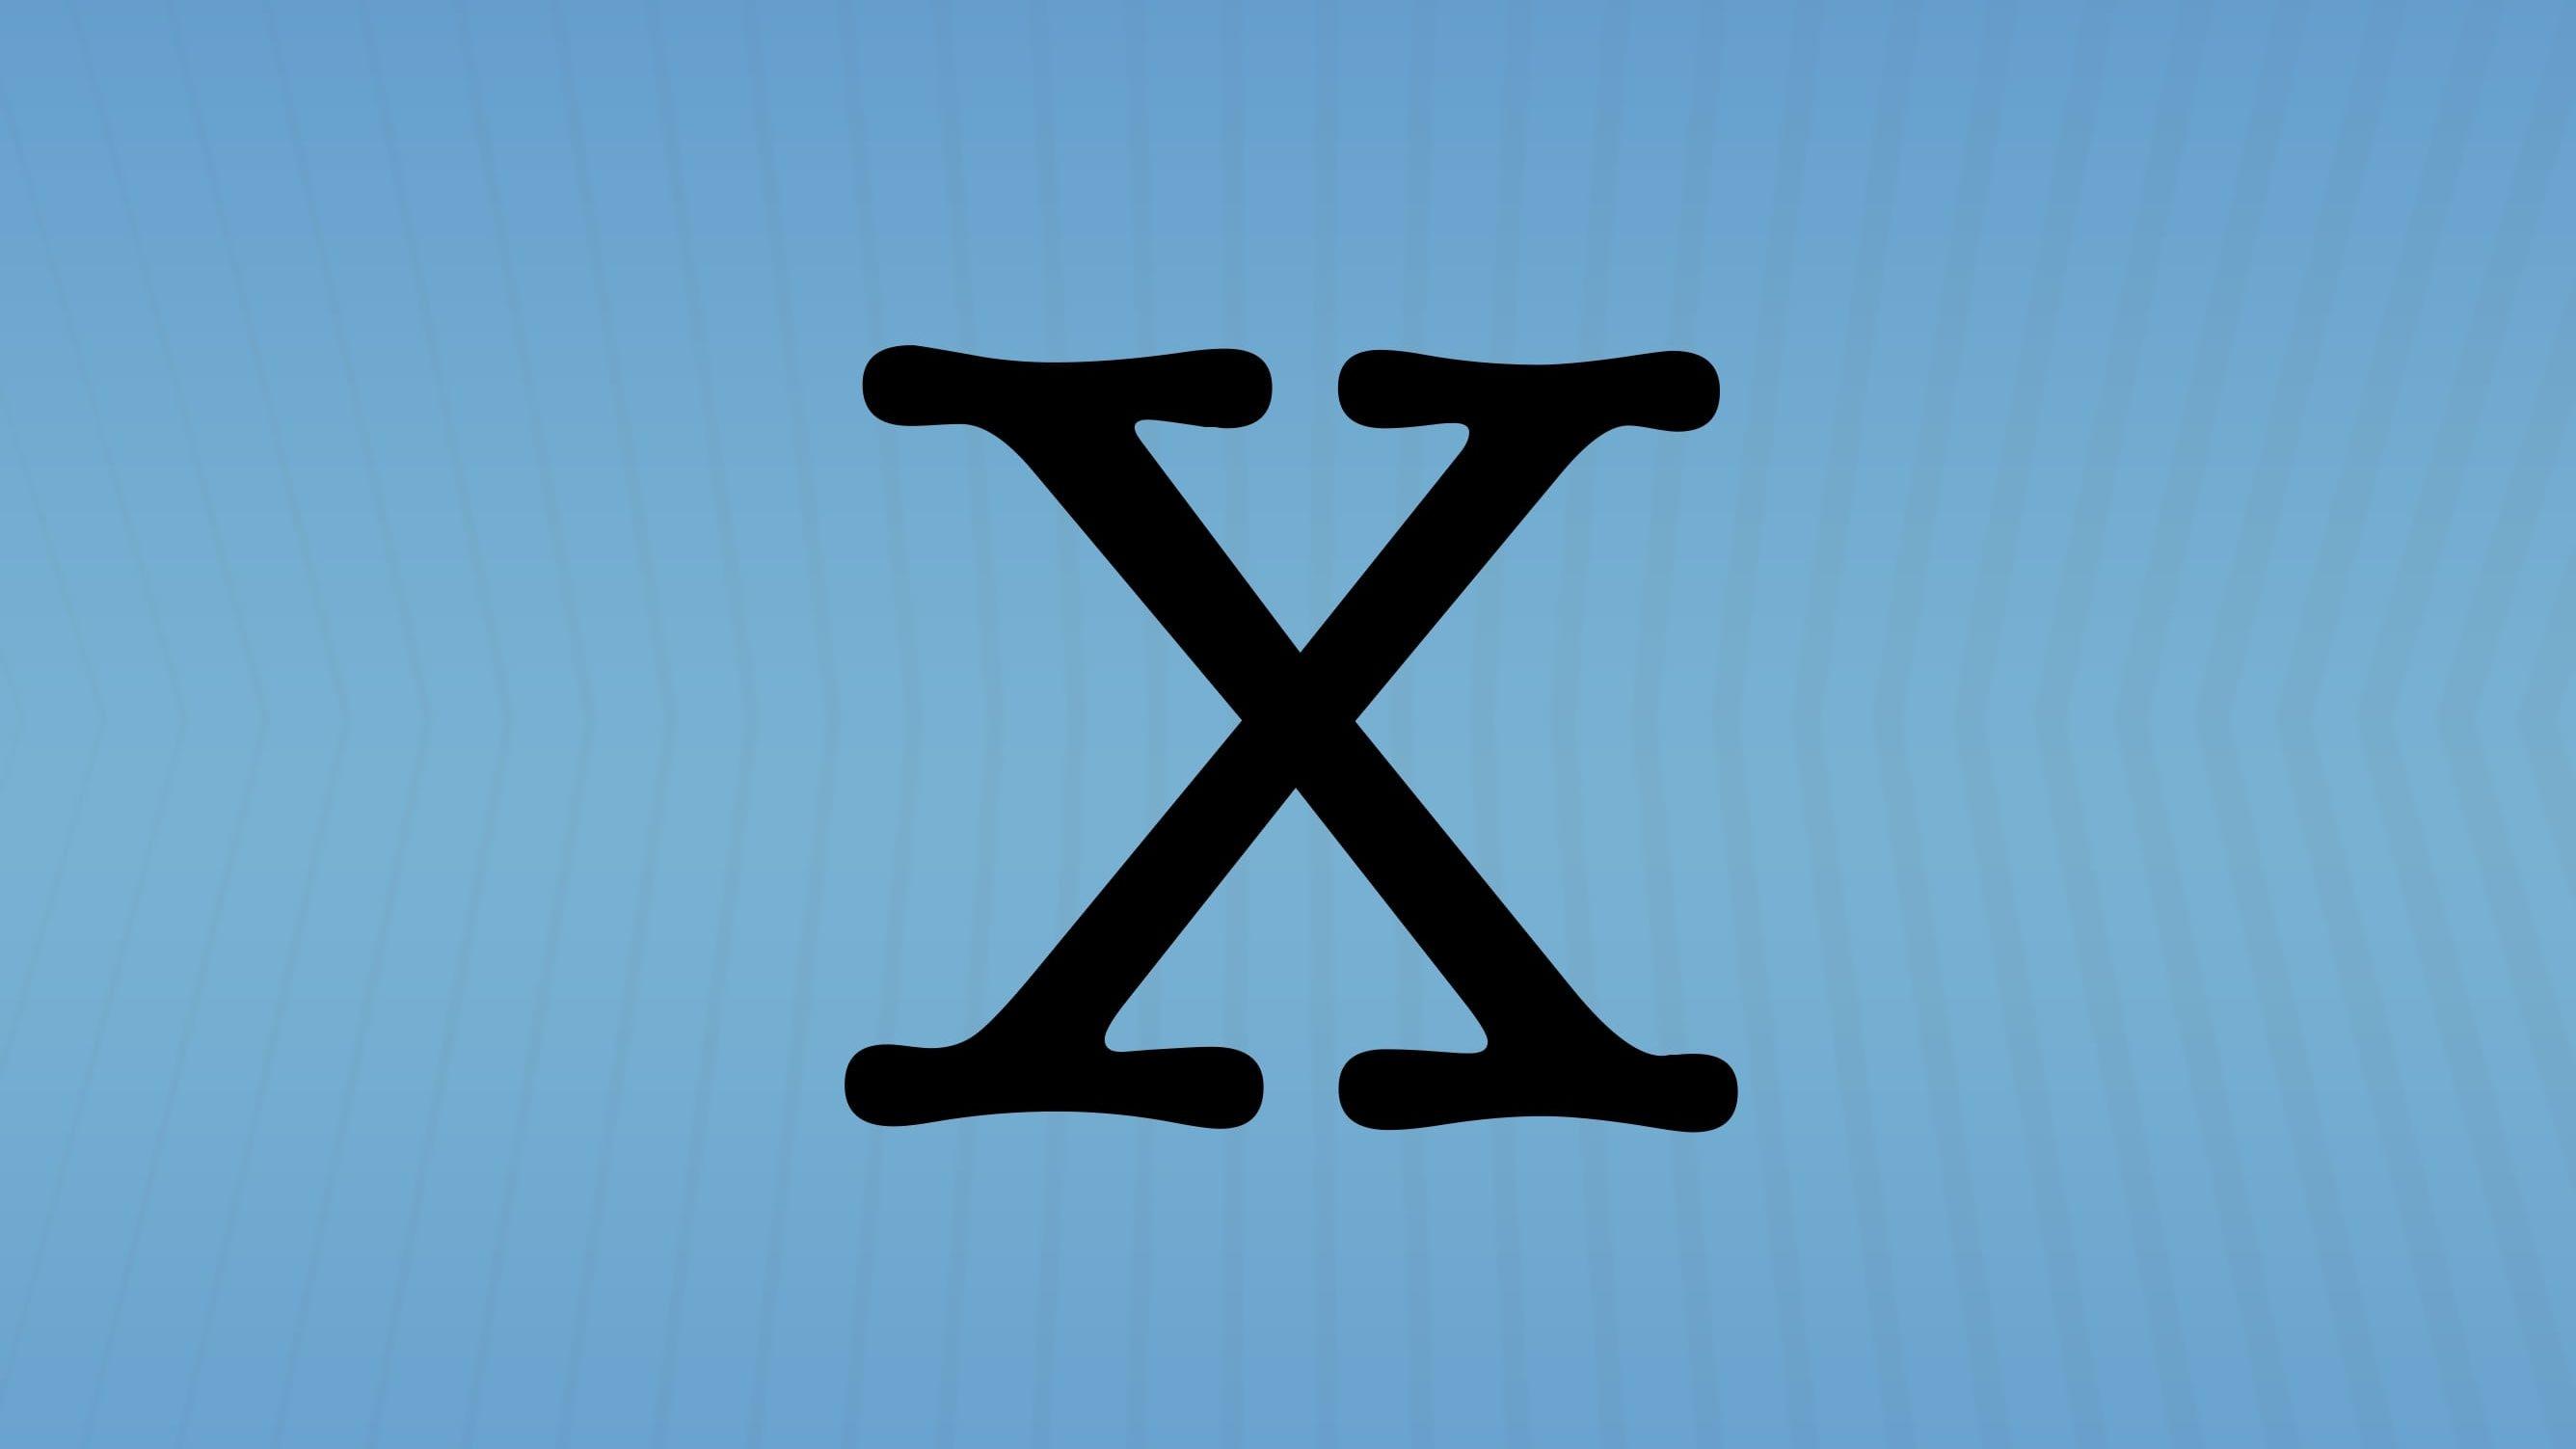 サッカーにおける xG(エックスジー)はどういう意味?